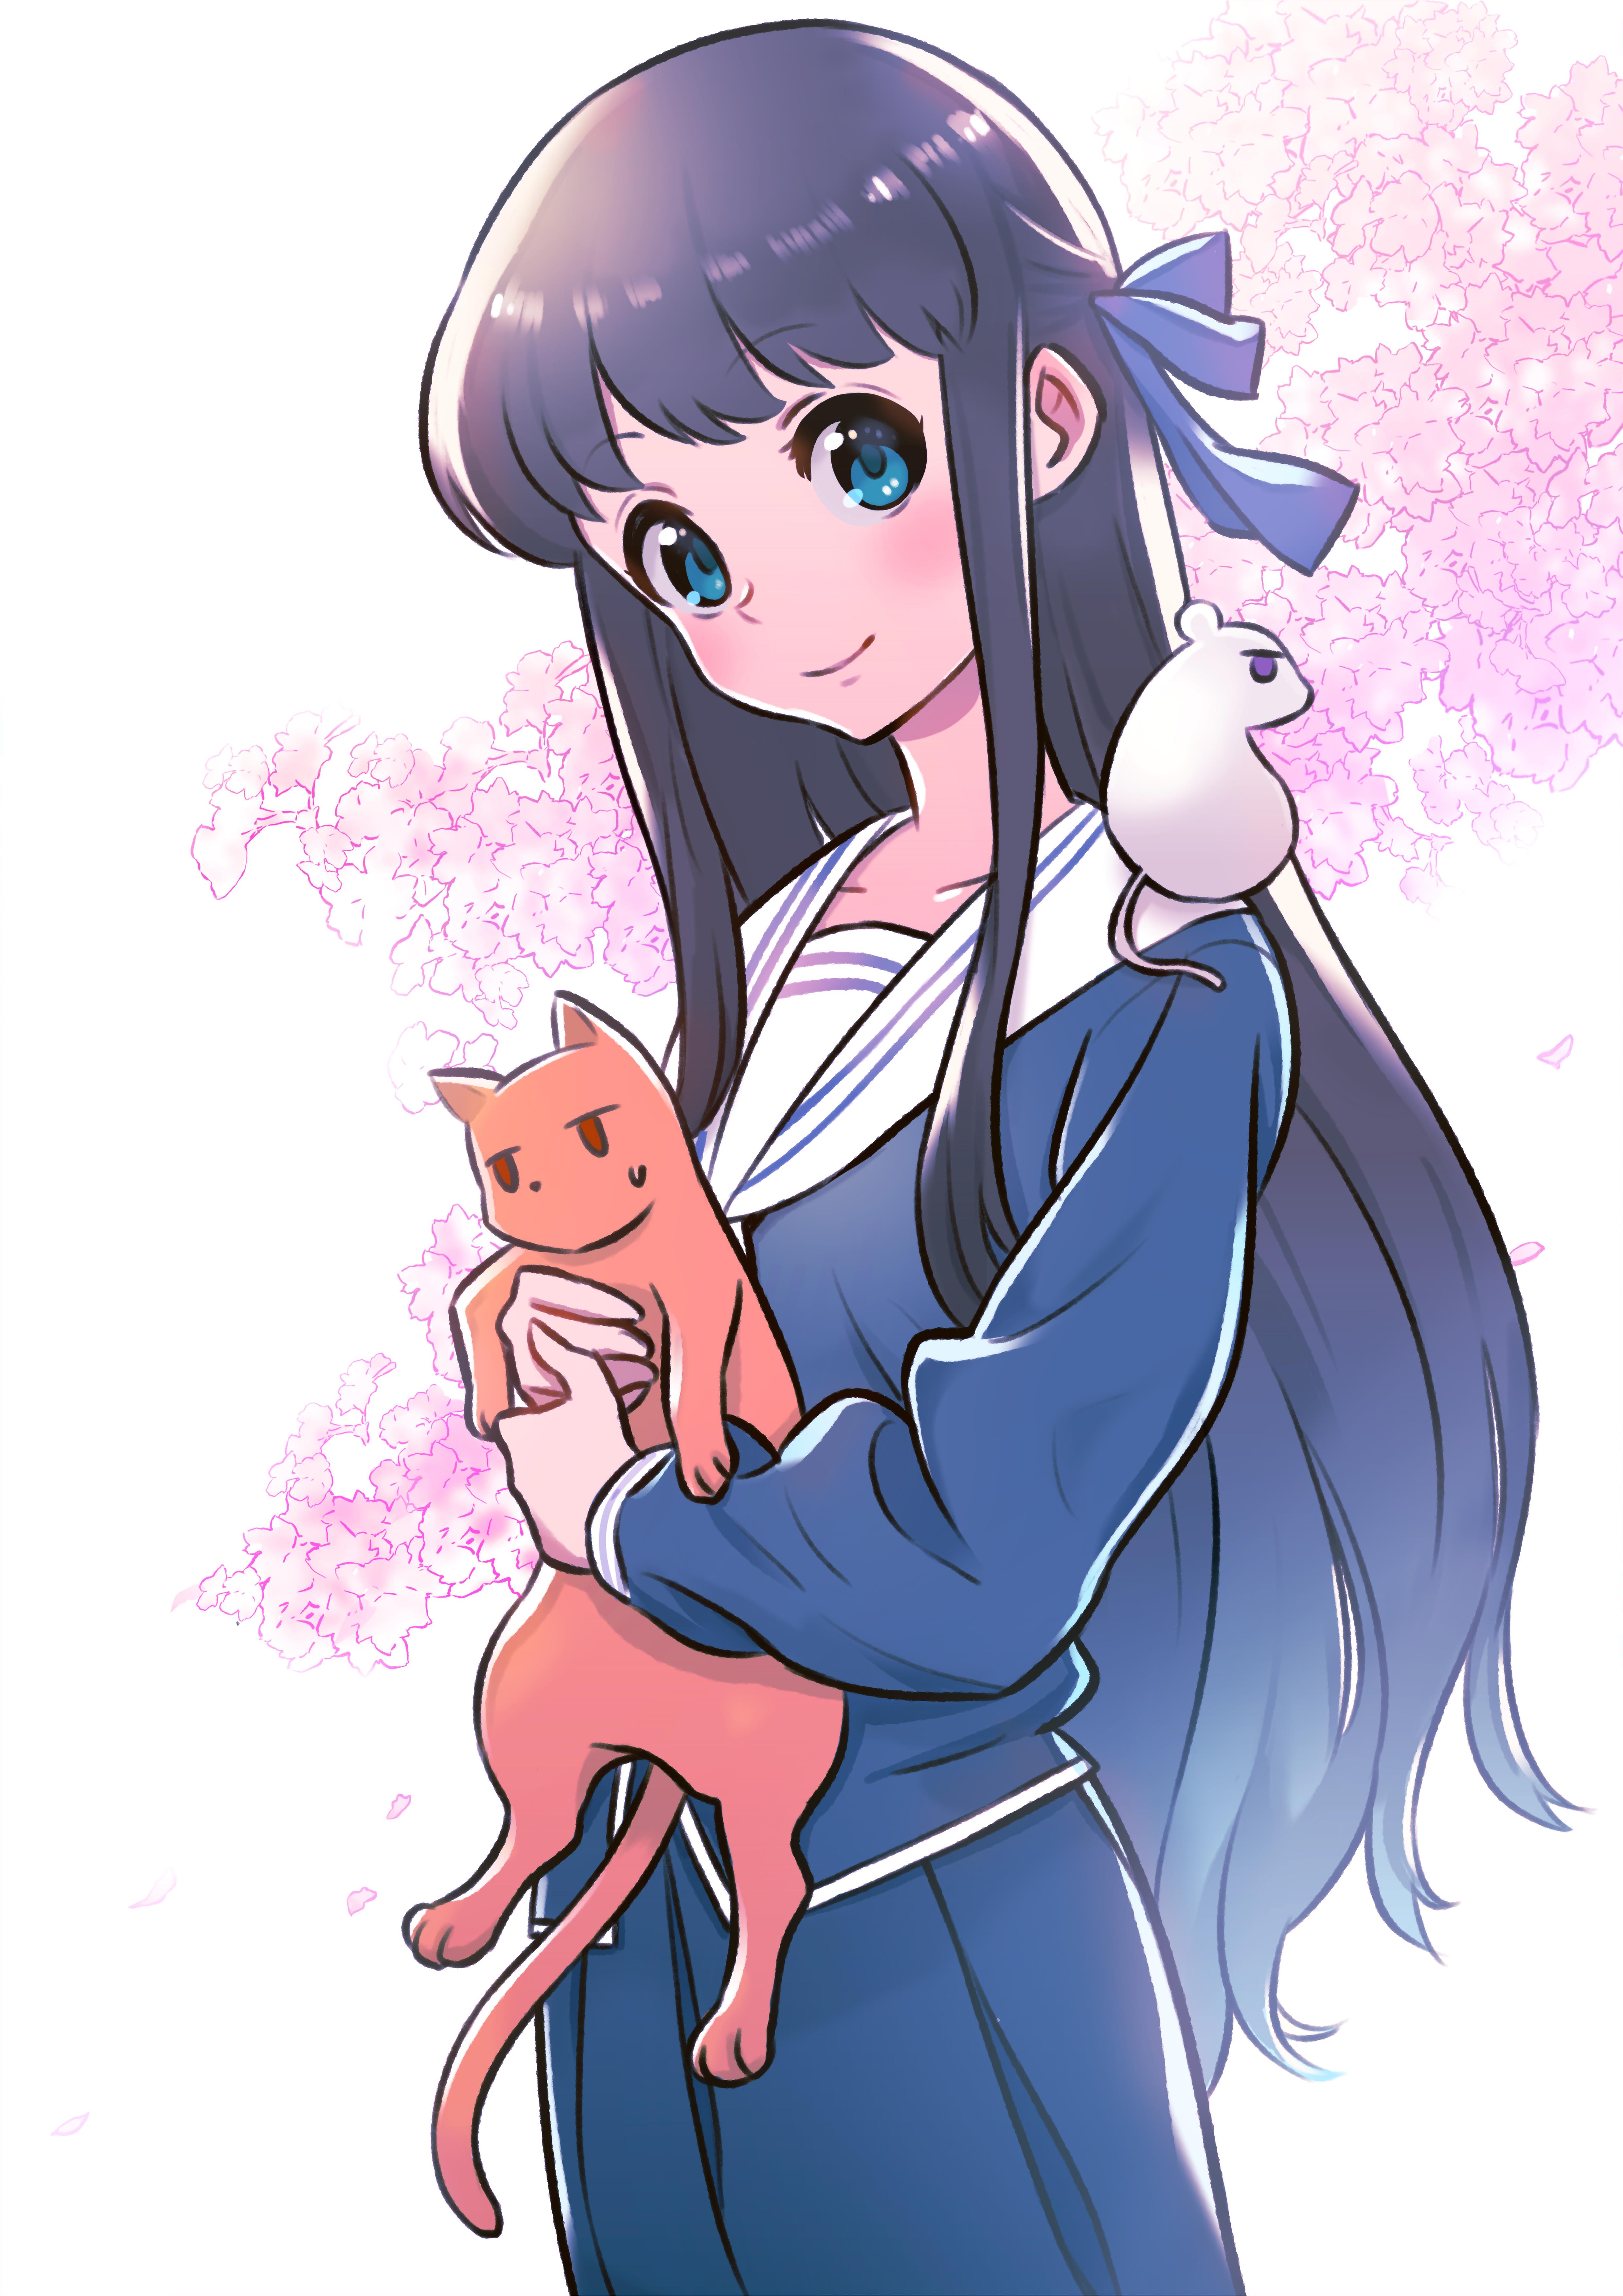 Fruits Basket Image #2565786 - Zerochan Anime Image Board